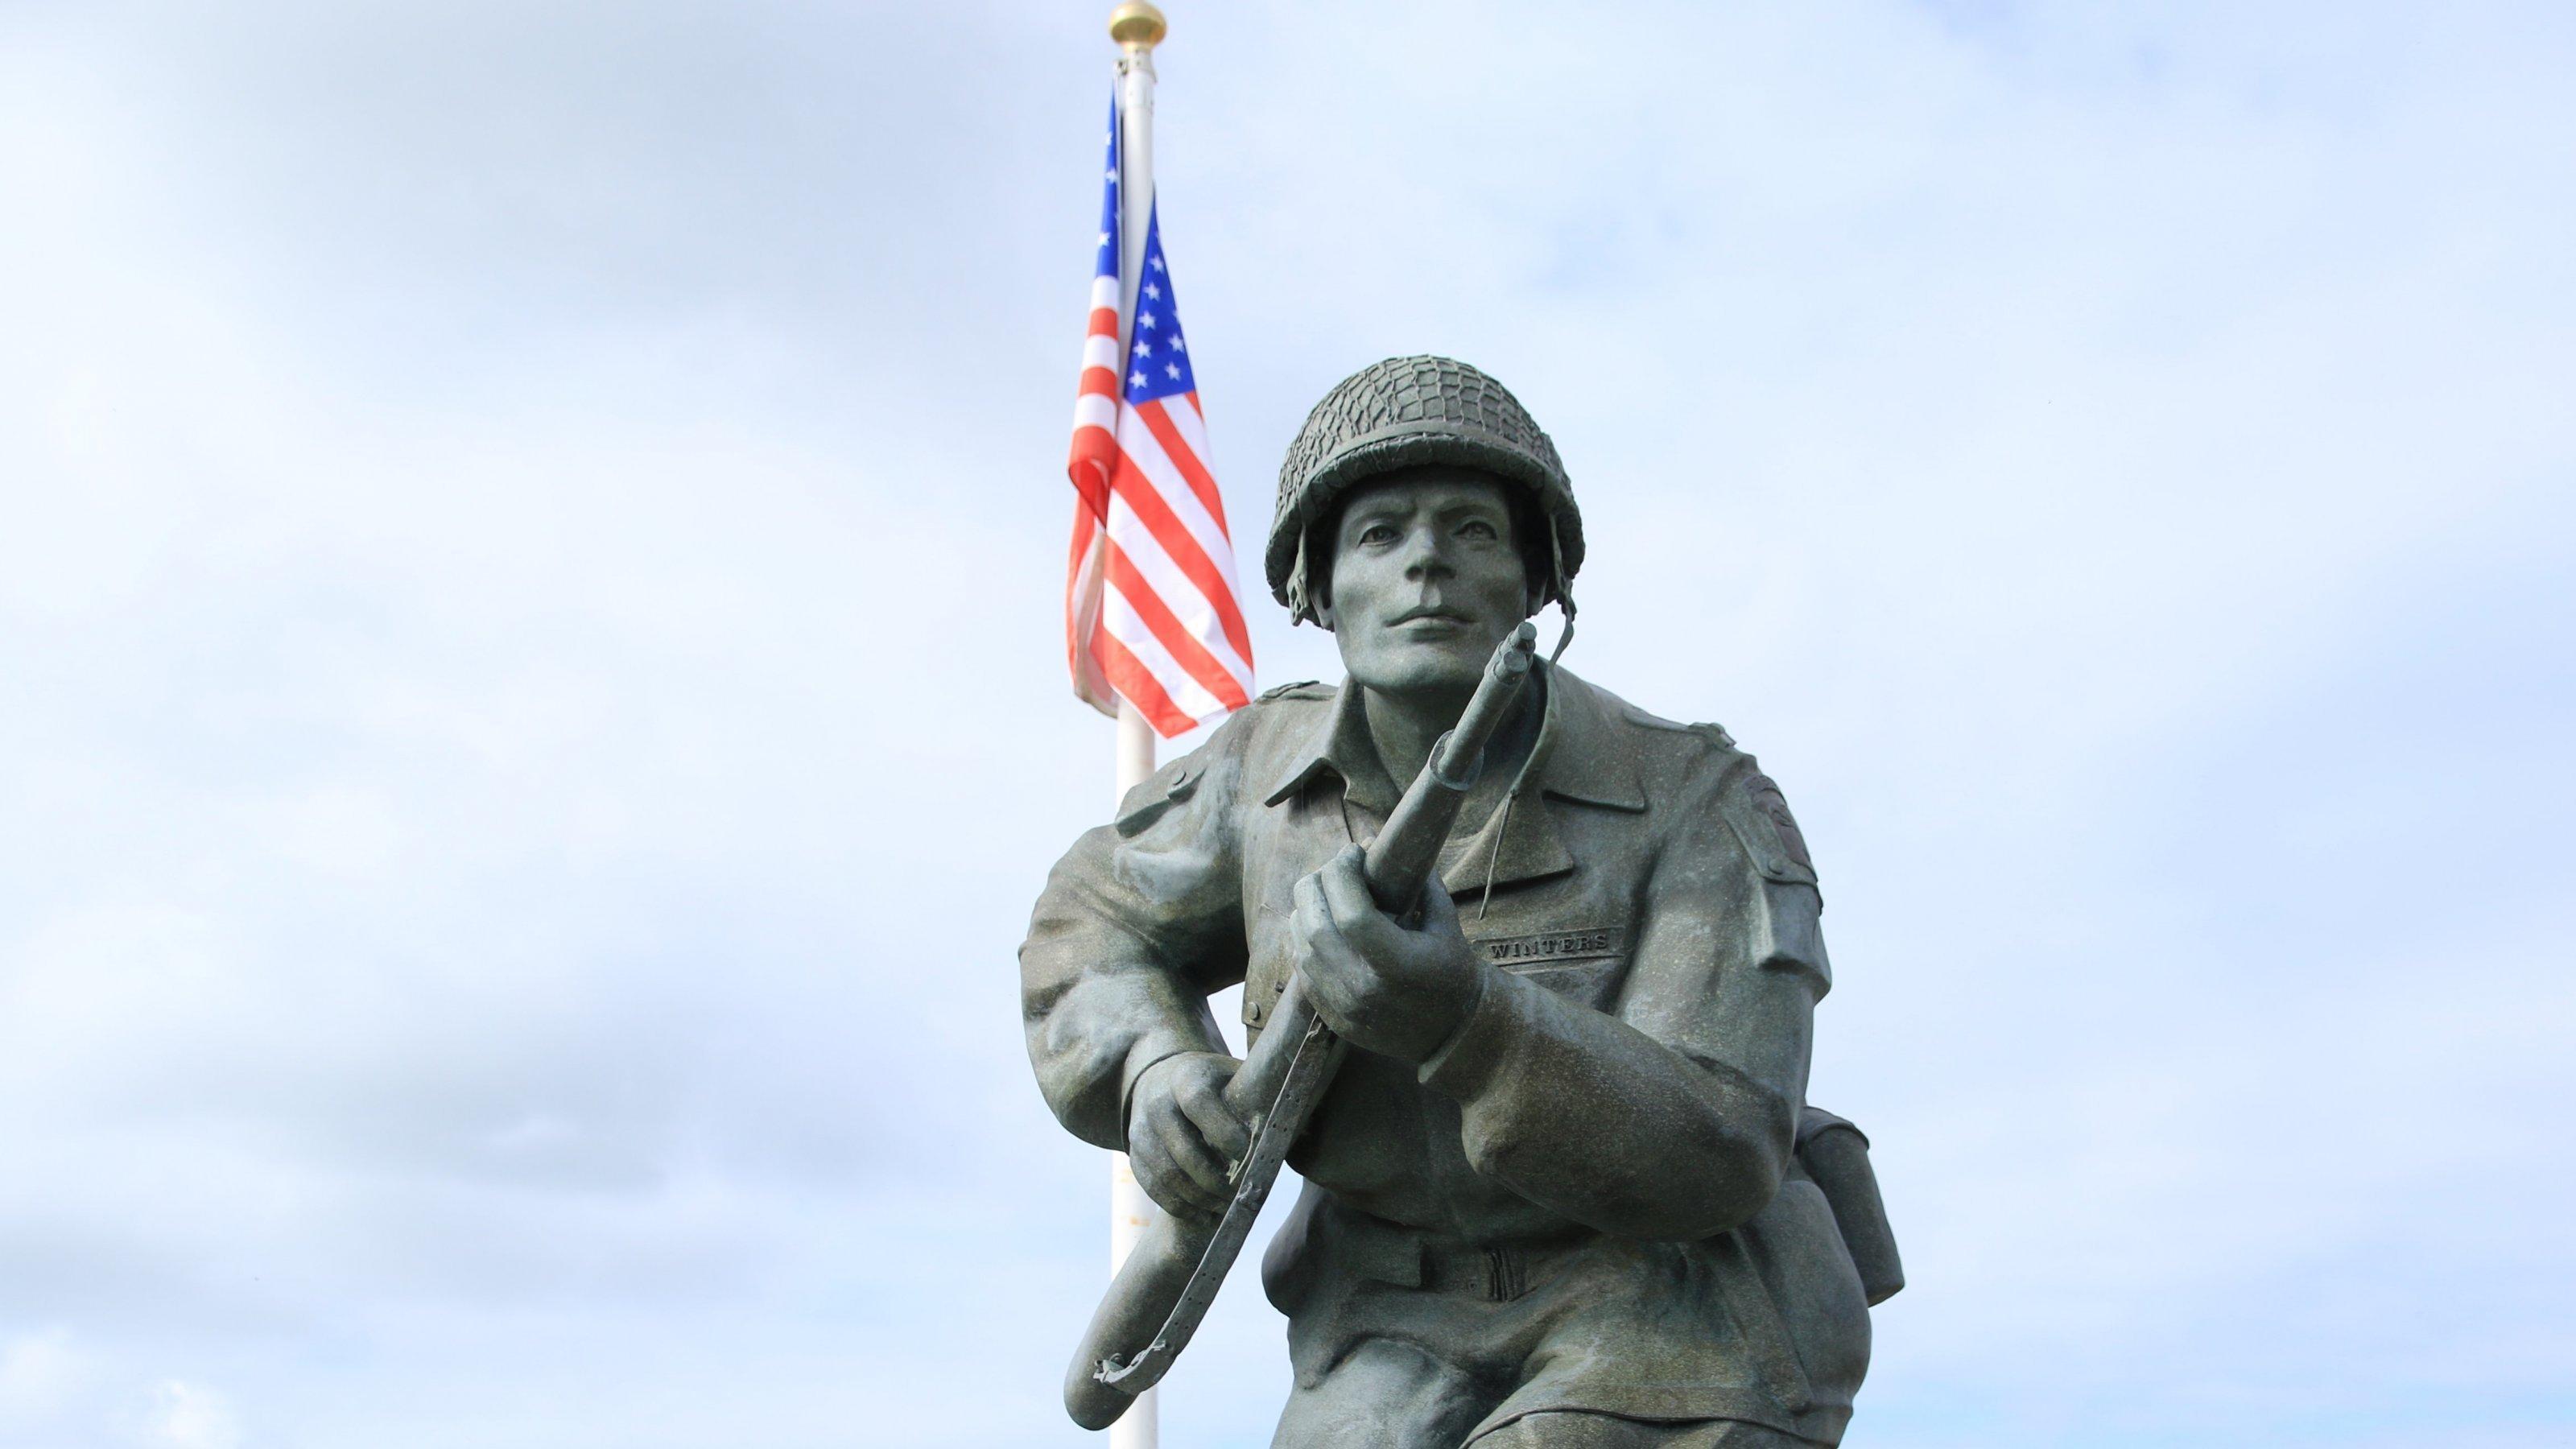 Eine Skulptur zeigt einen amerikanischen Soldaten mit Gewehr und Marschgepäck, im Hintergrund weht die US-amerikanische Fahne